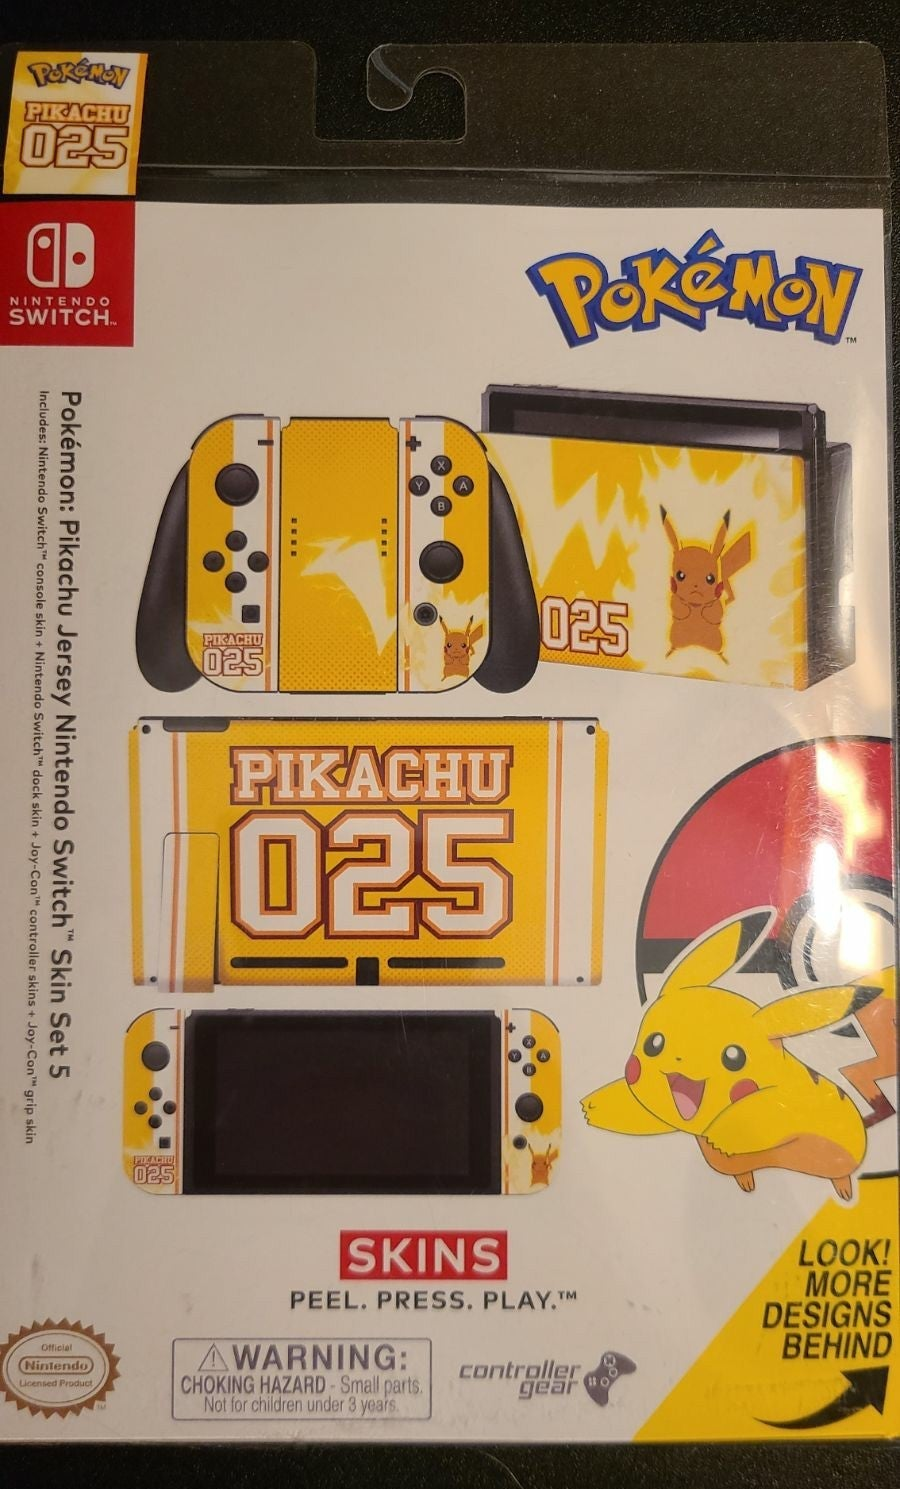 Pokémon Pikachu Skin